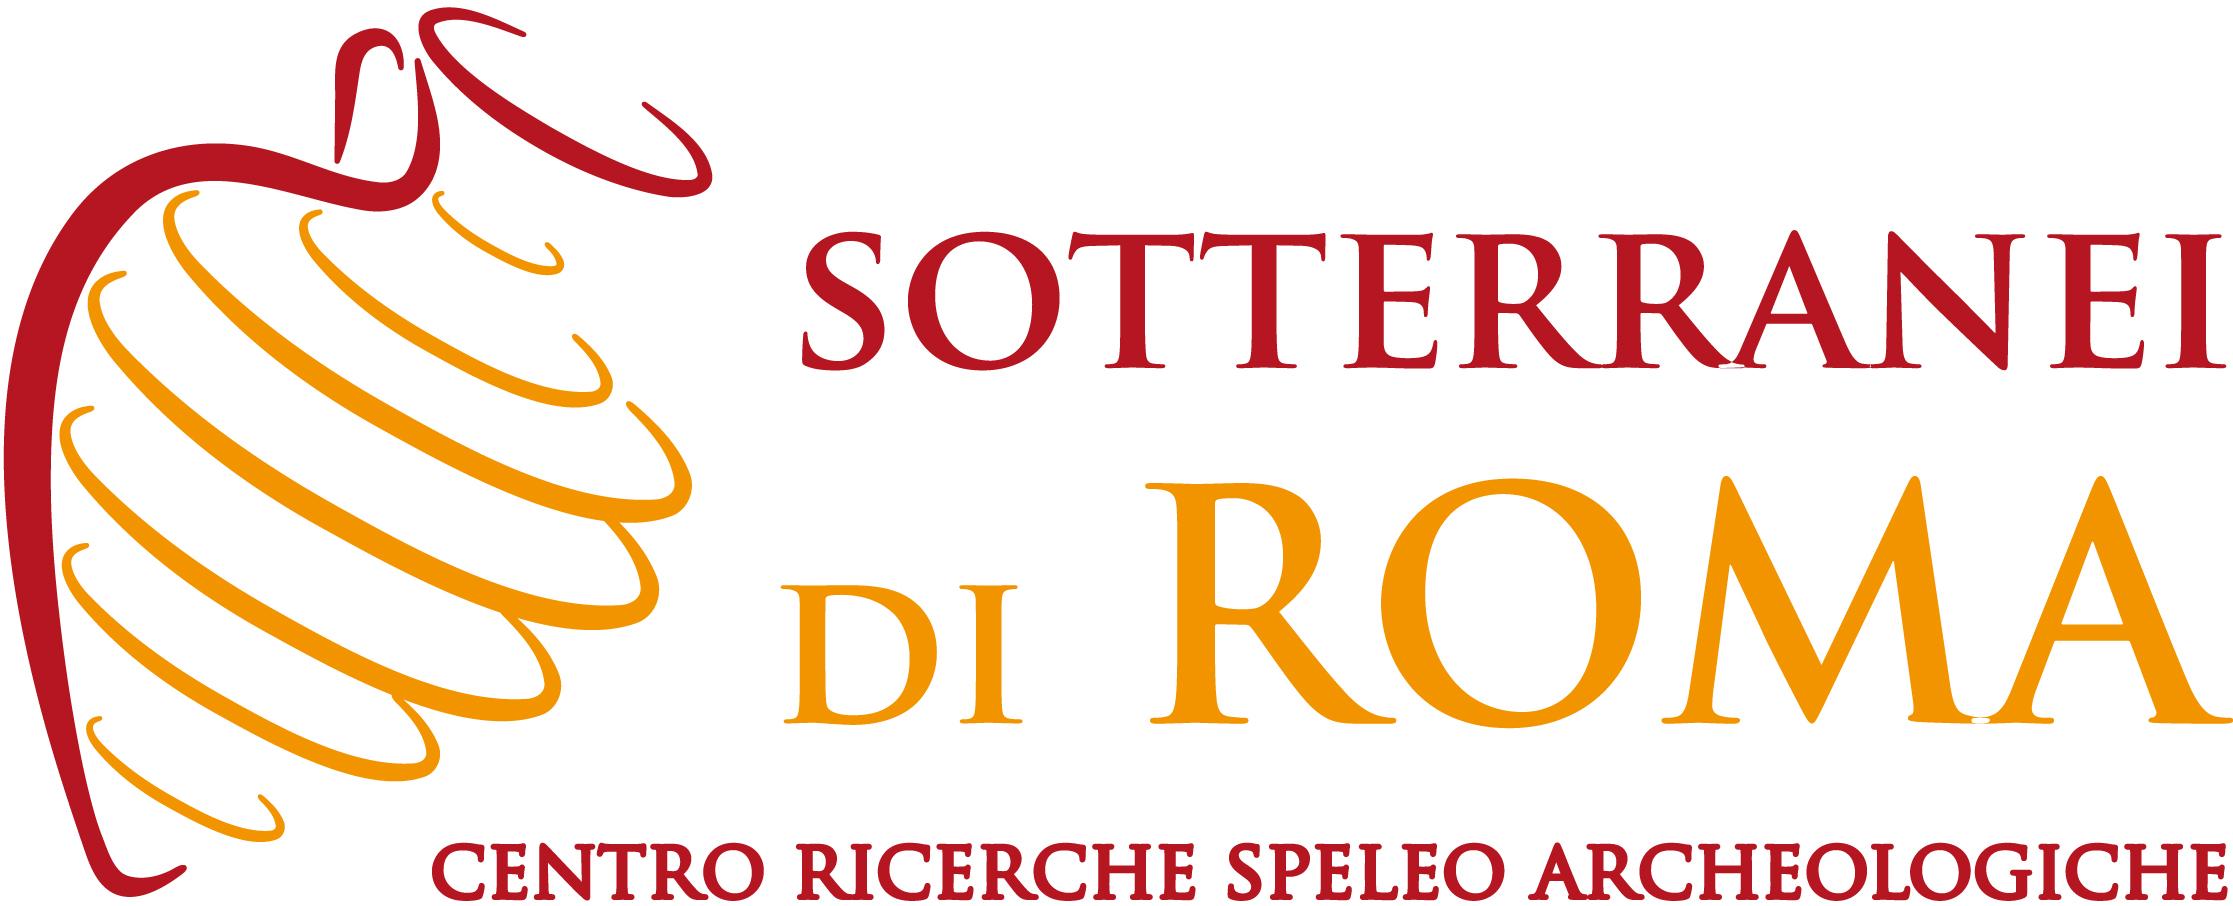 sotterranei_di_roma_vettoriale